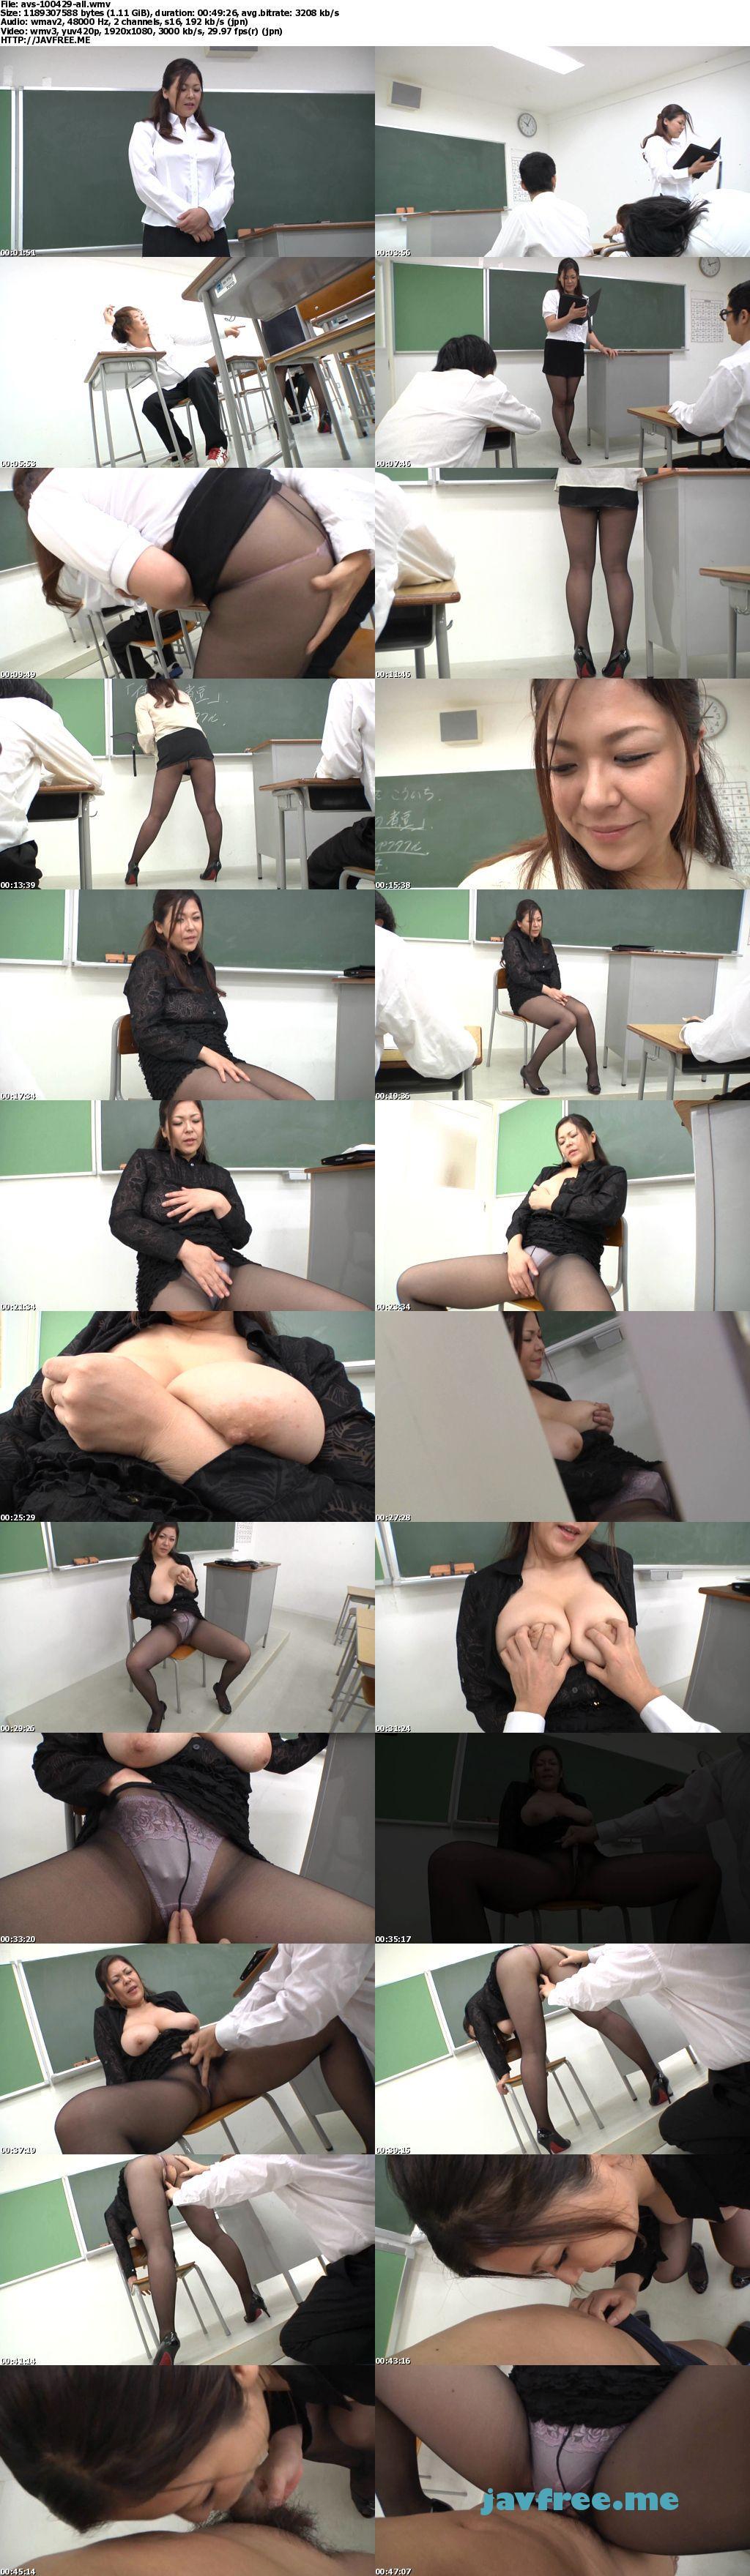 櫻井夕樹 xxx [DPHN-134] 非日常的悶絶遊戯 不良学生のクラスを受け持つ